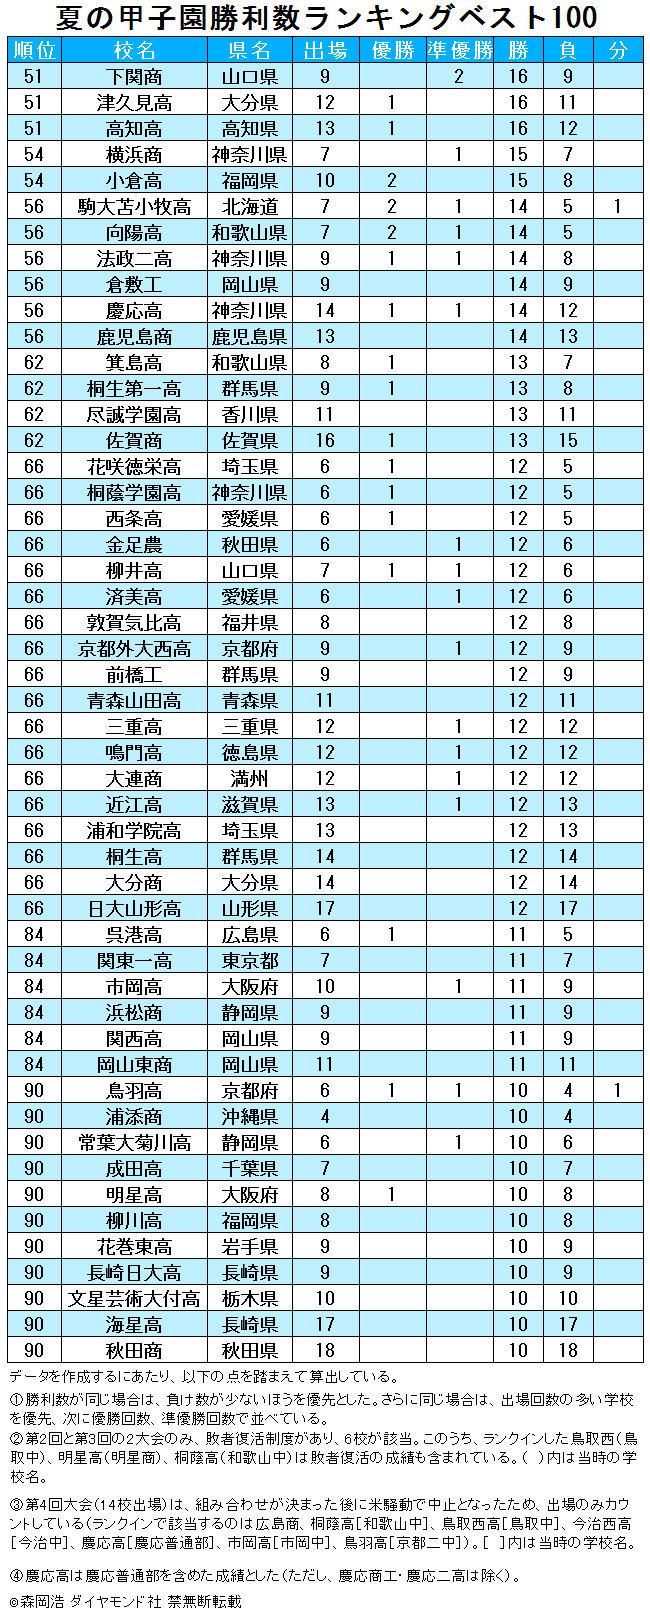 夏の甲子園勝利数ランキングベスト100【2019年完全版】